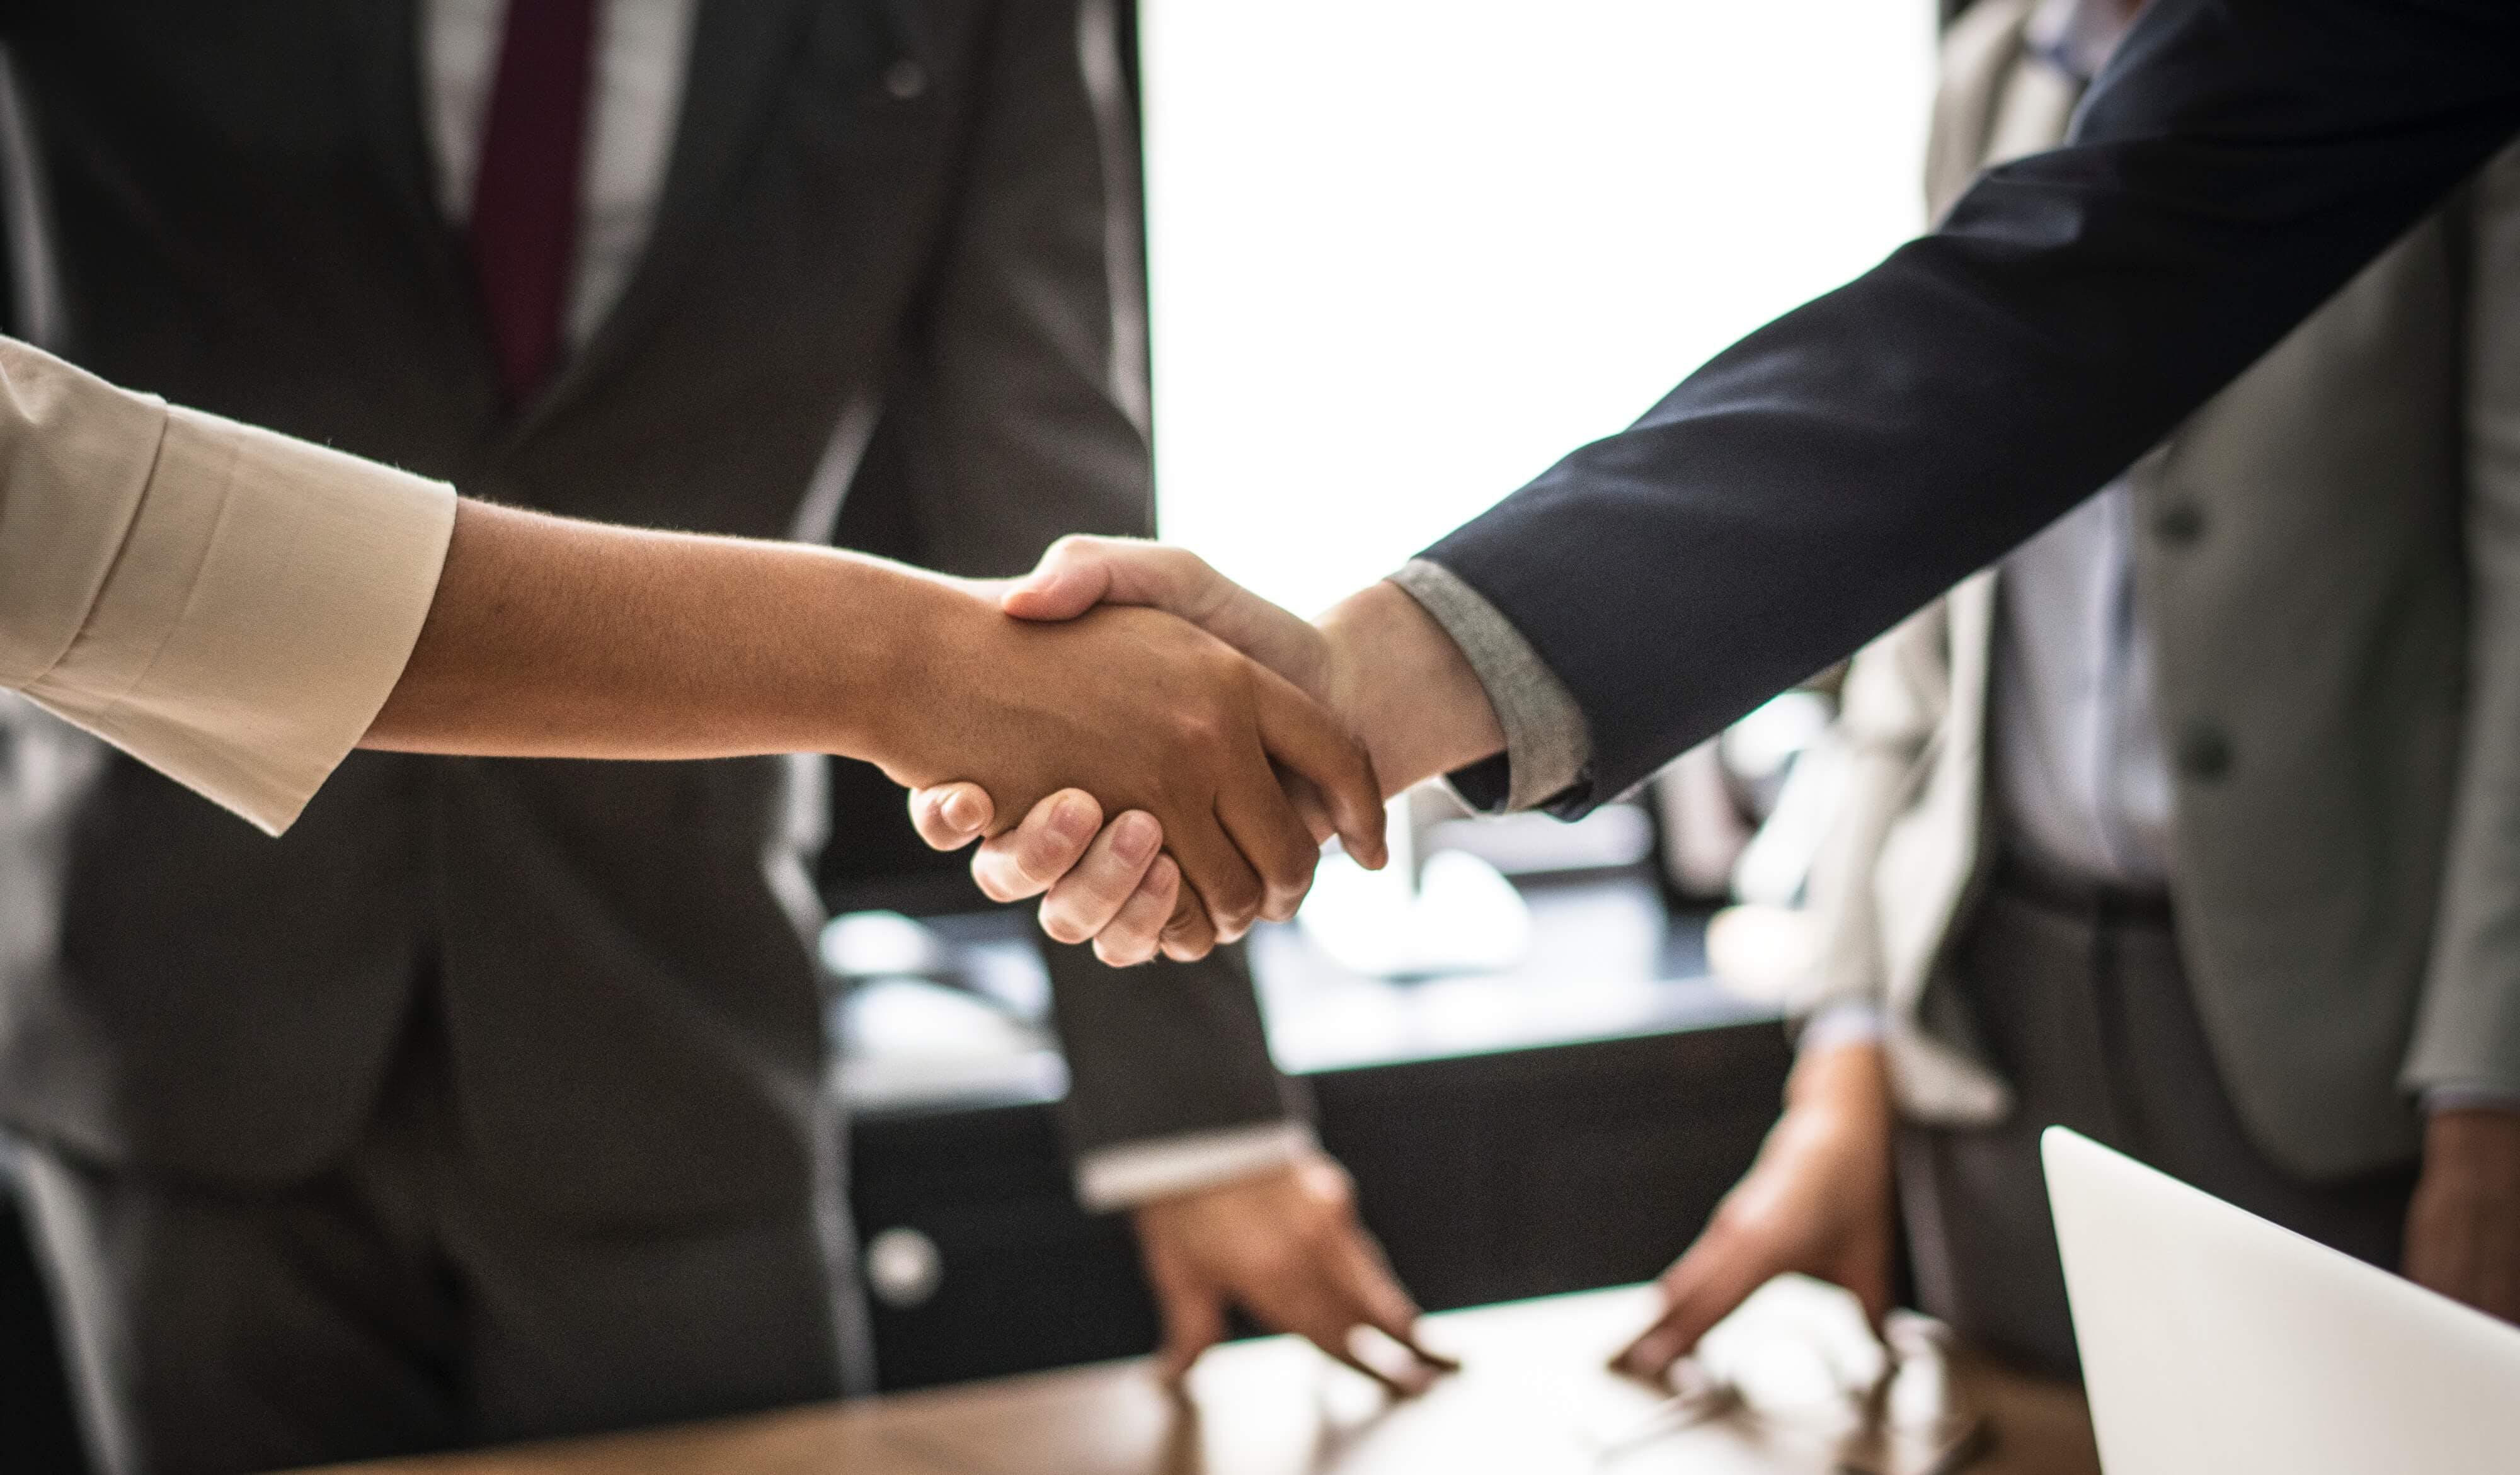 interviewing handshake